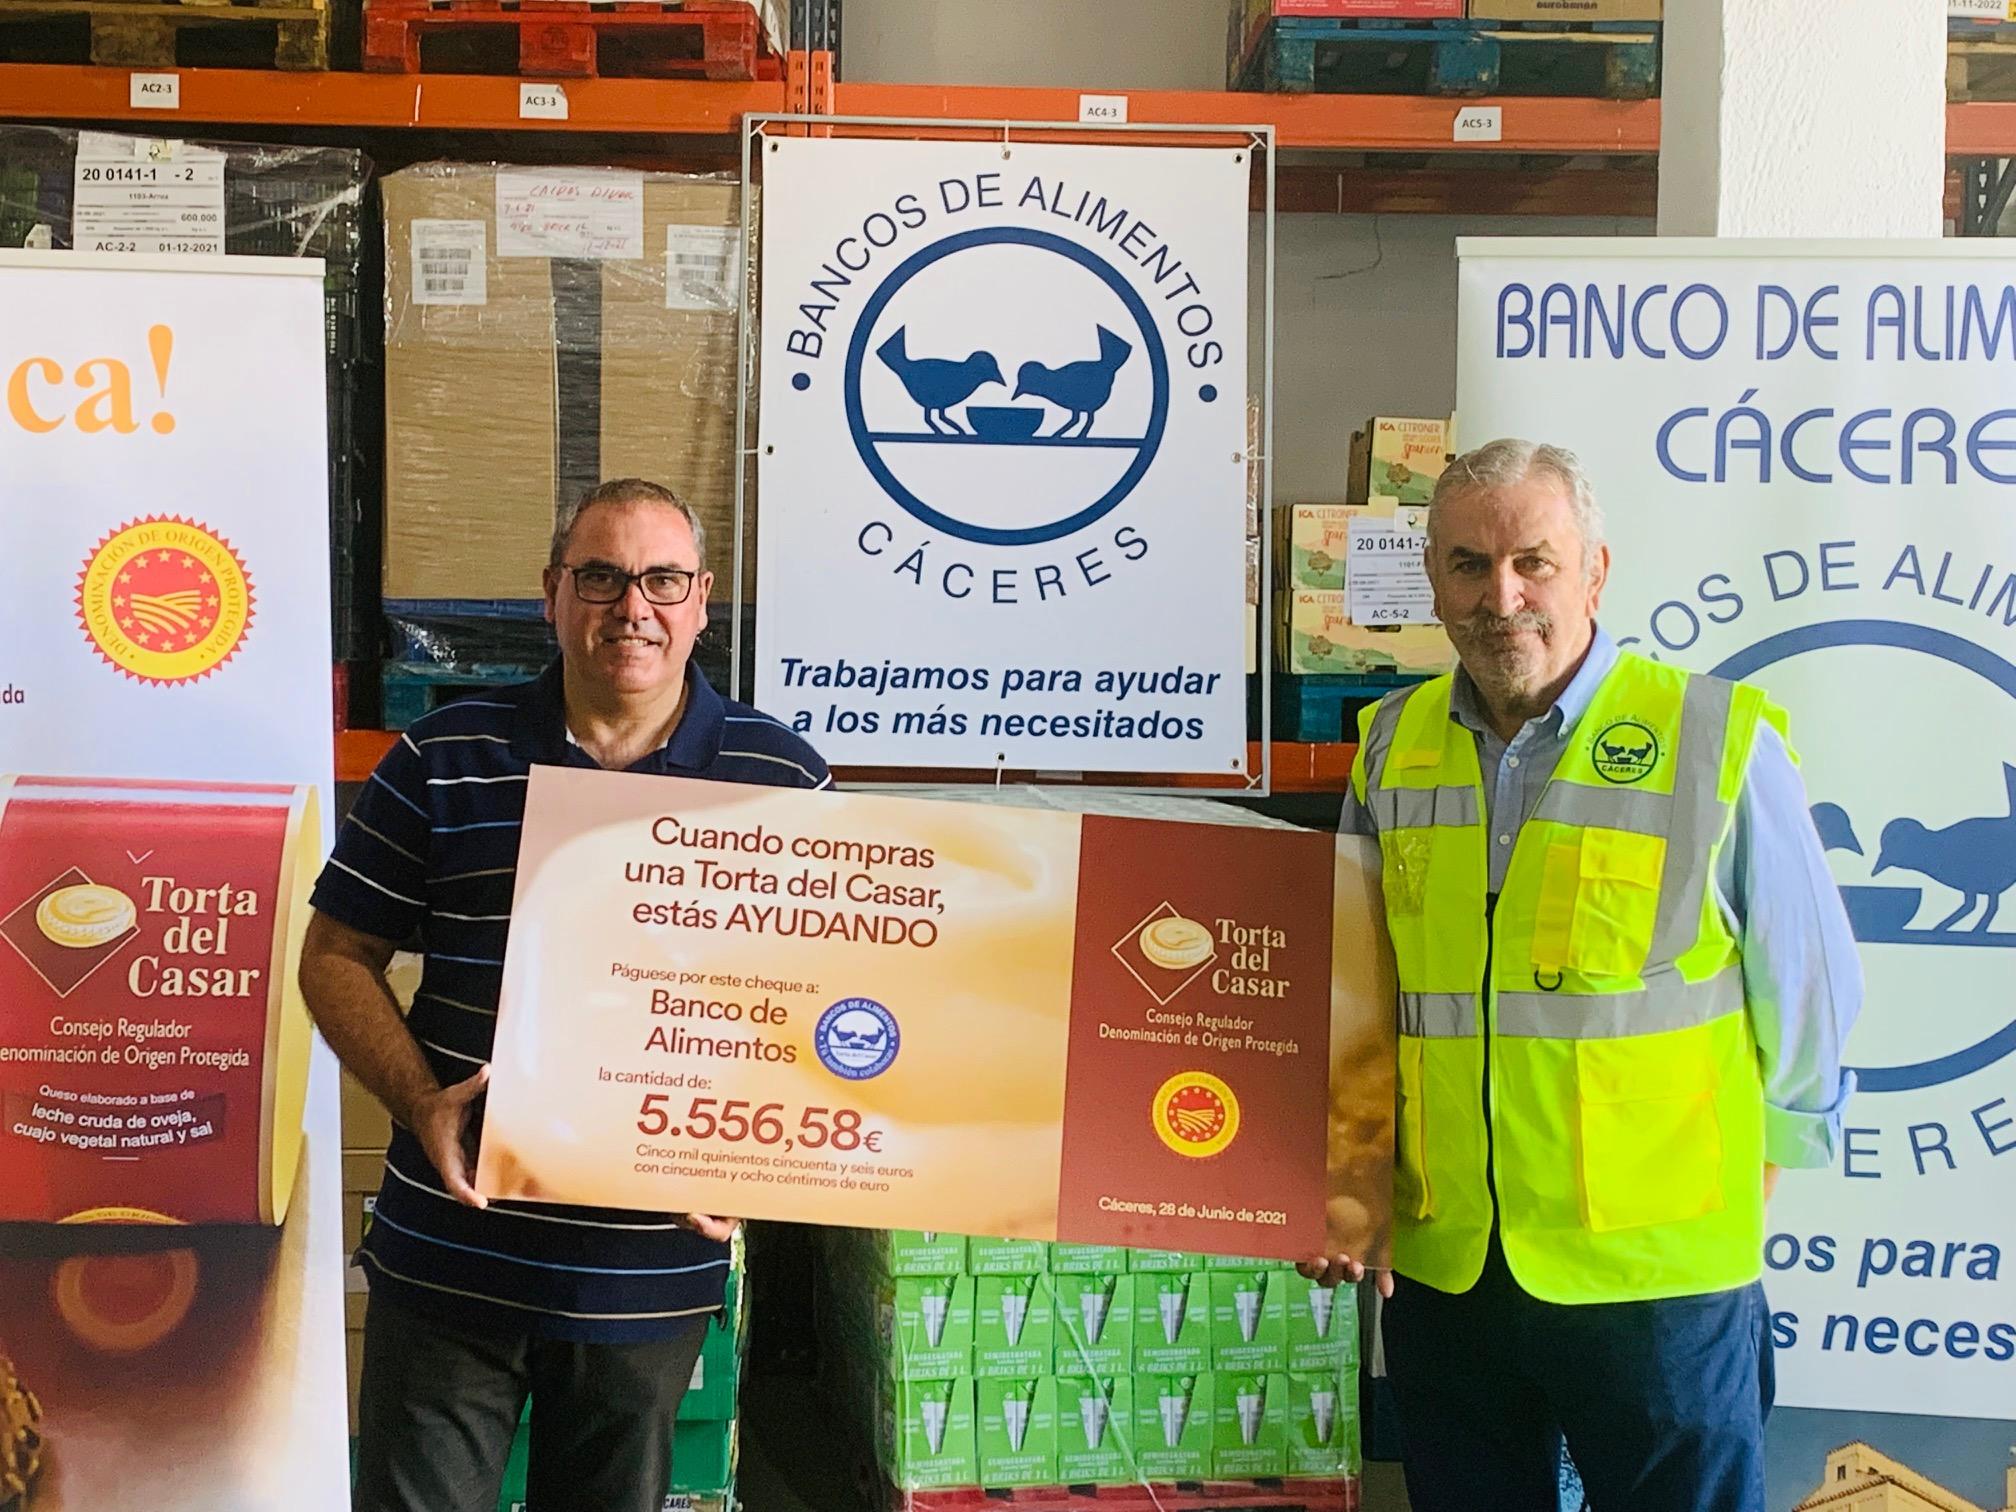 La Torta del Casar entrega un primer cheque de 5.556€ a Banco de Alimentos